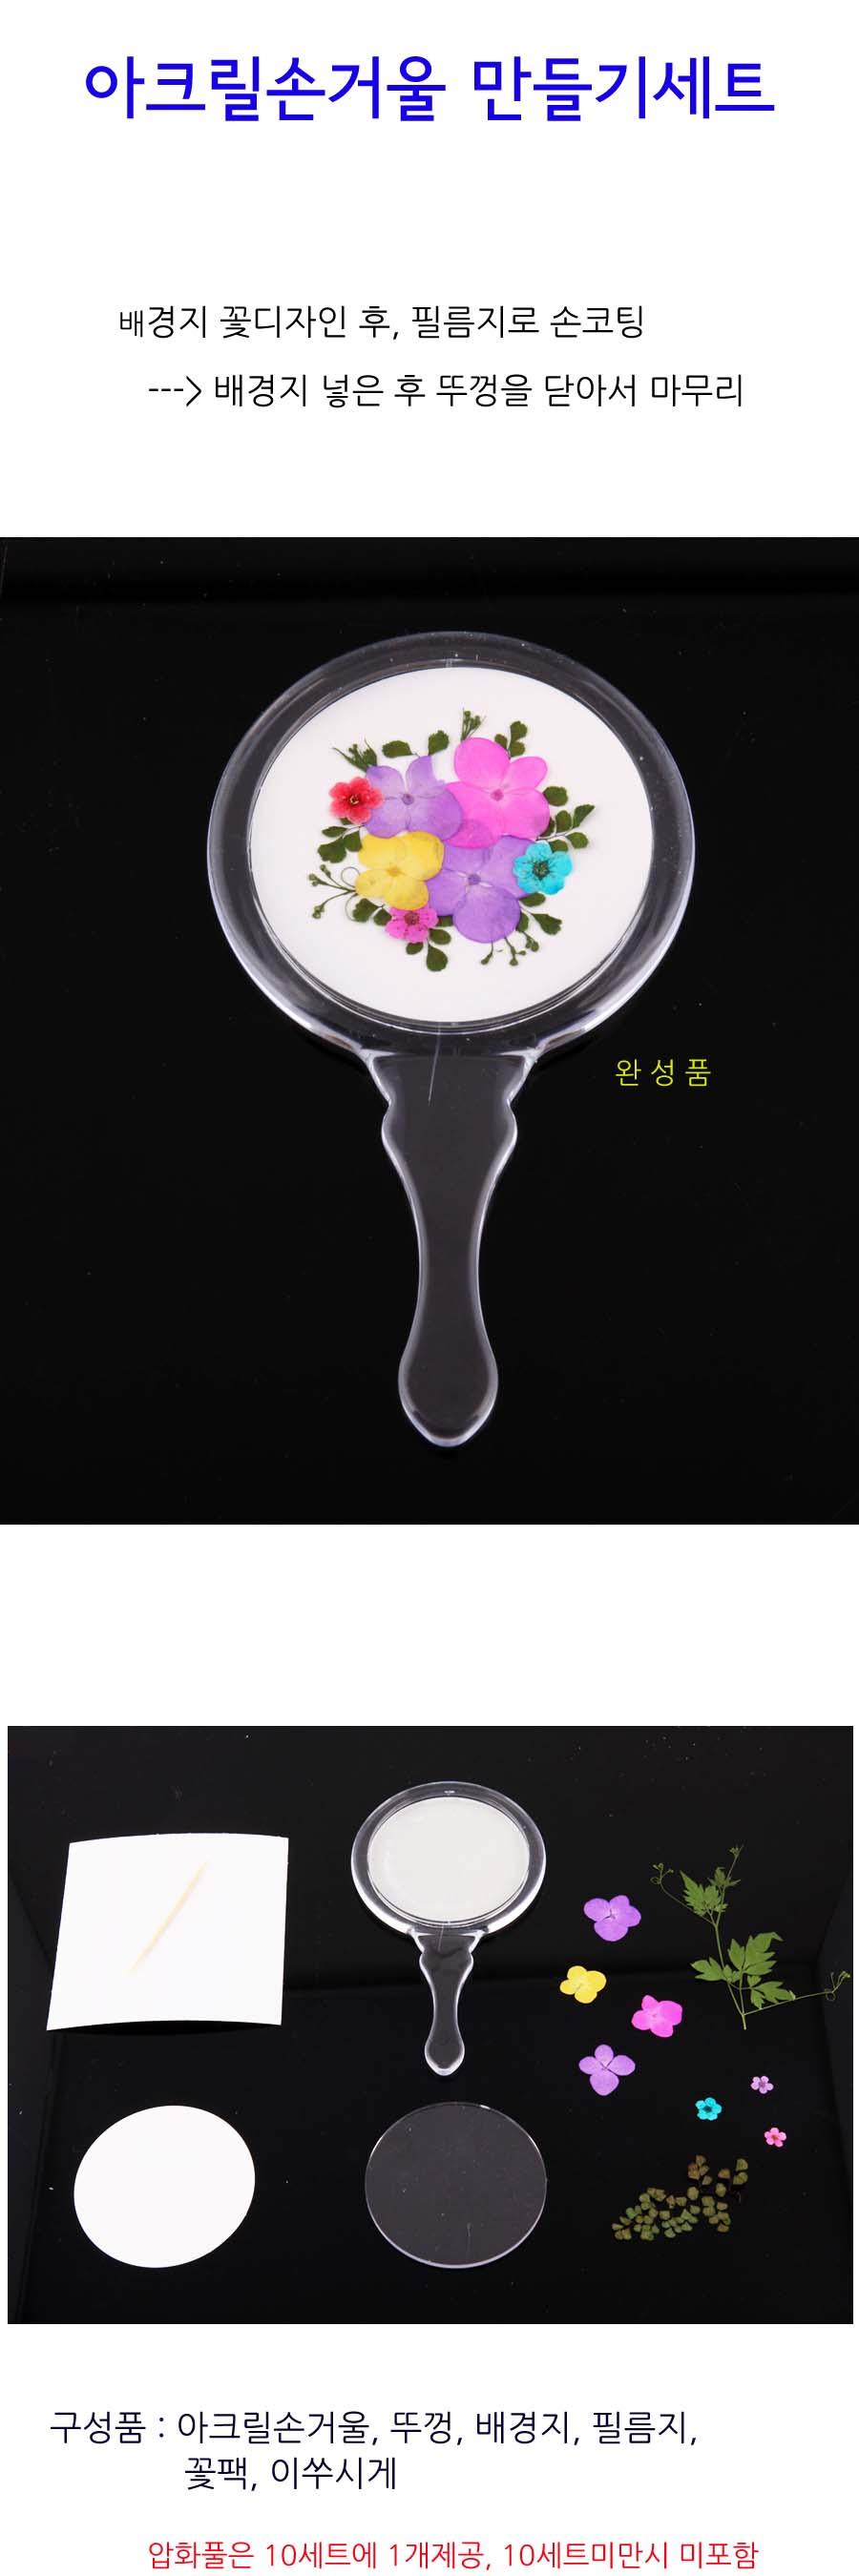 압화 손거울만들기세트(일반배경지) - 프레스코21, 4,400원, 압화 공예, 열쇠고리/소품 패키지